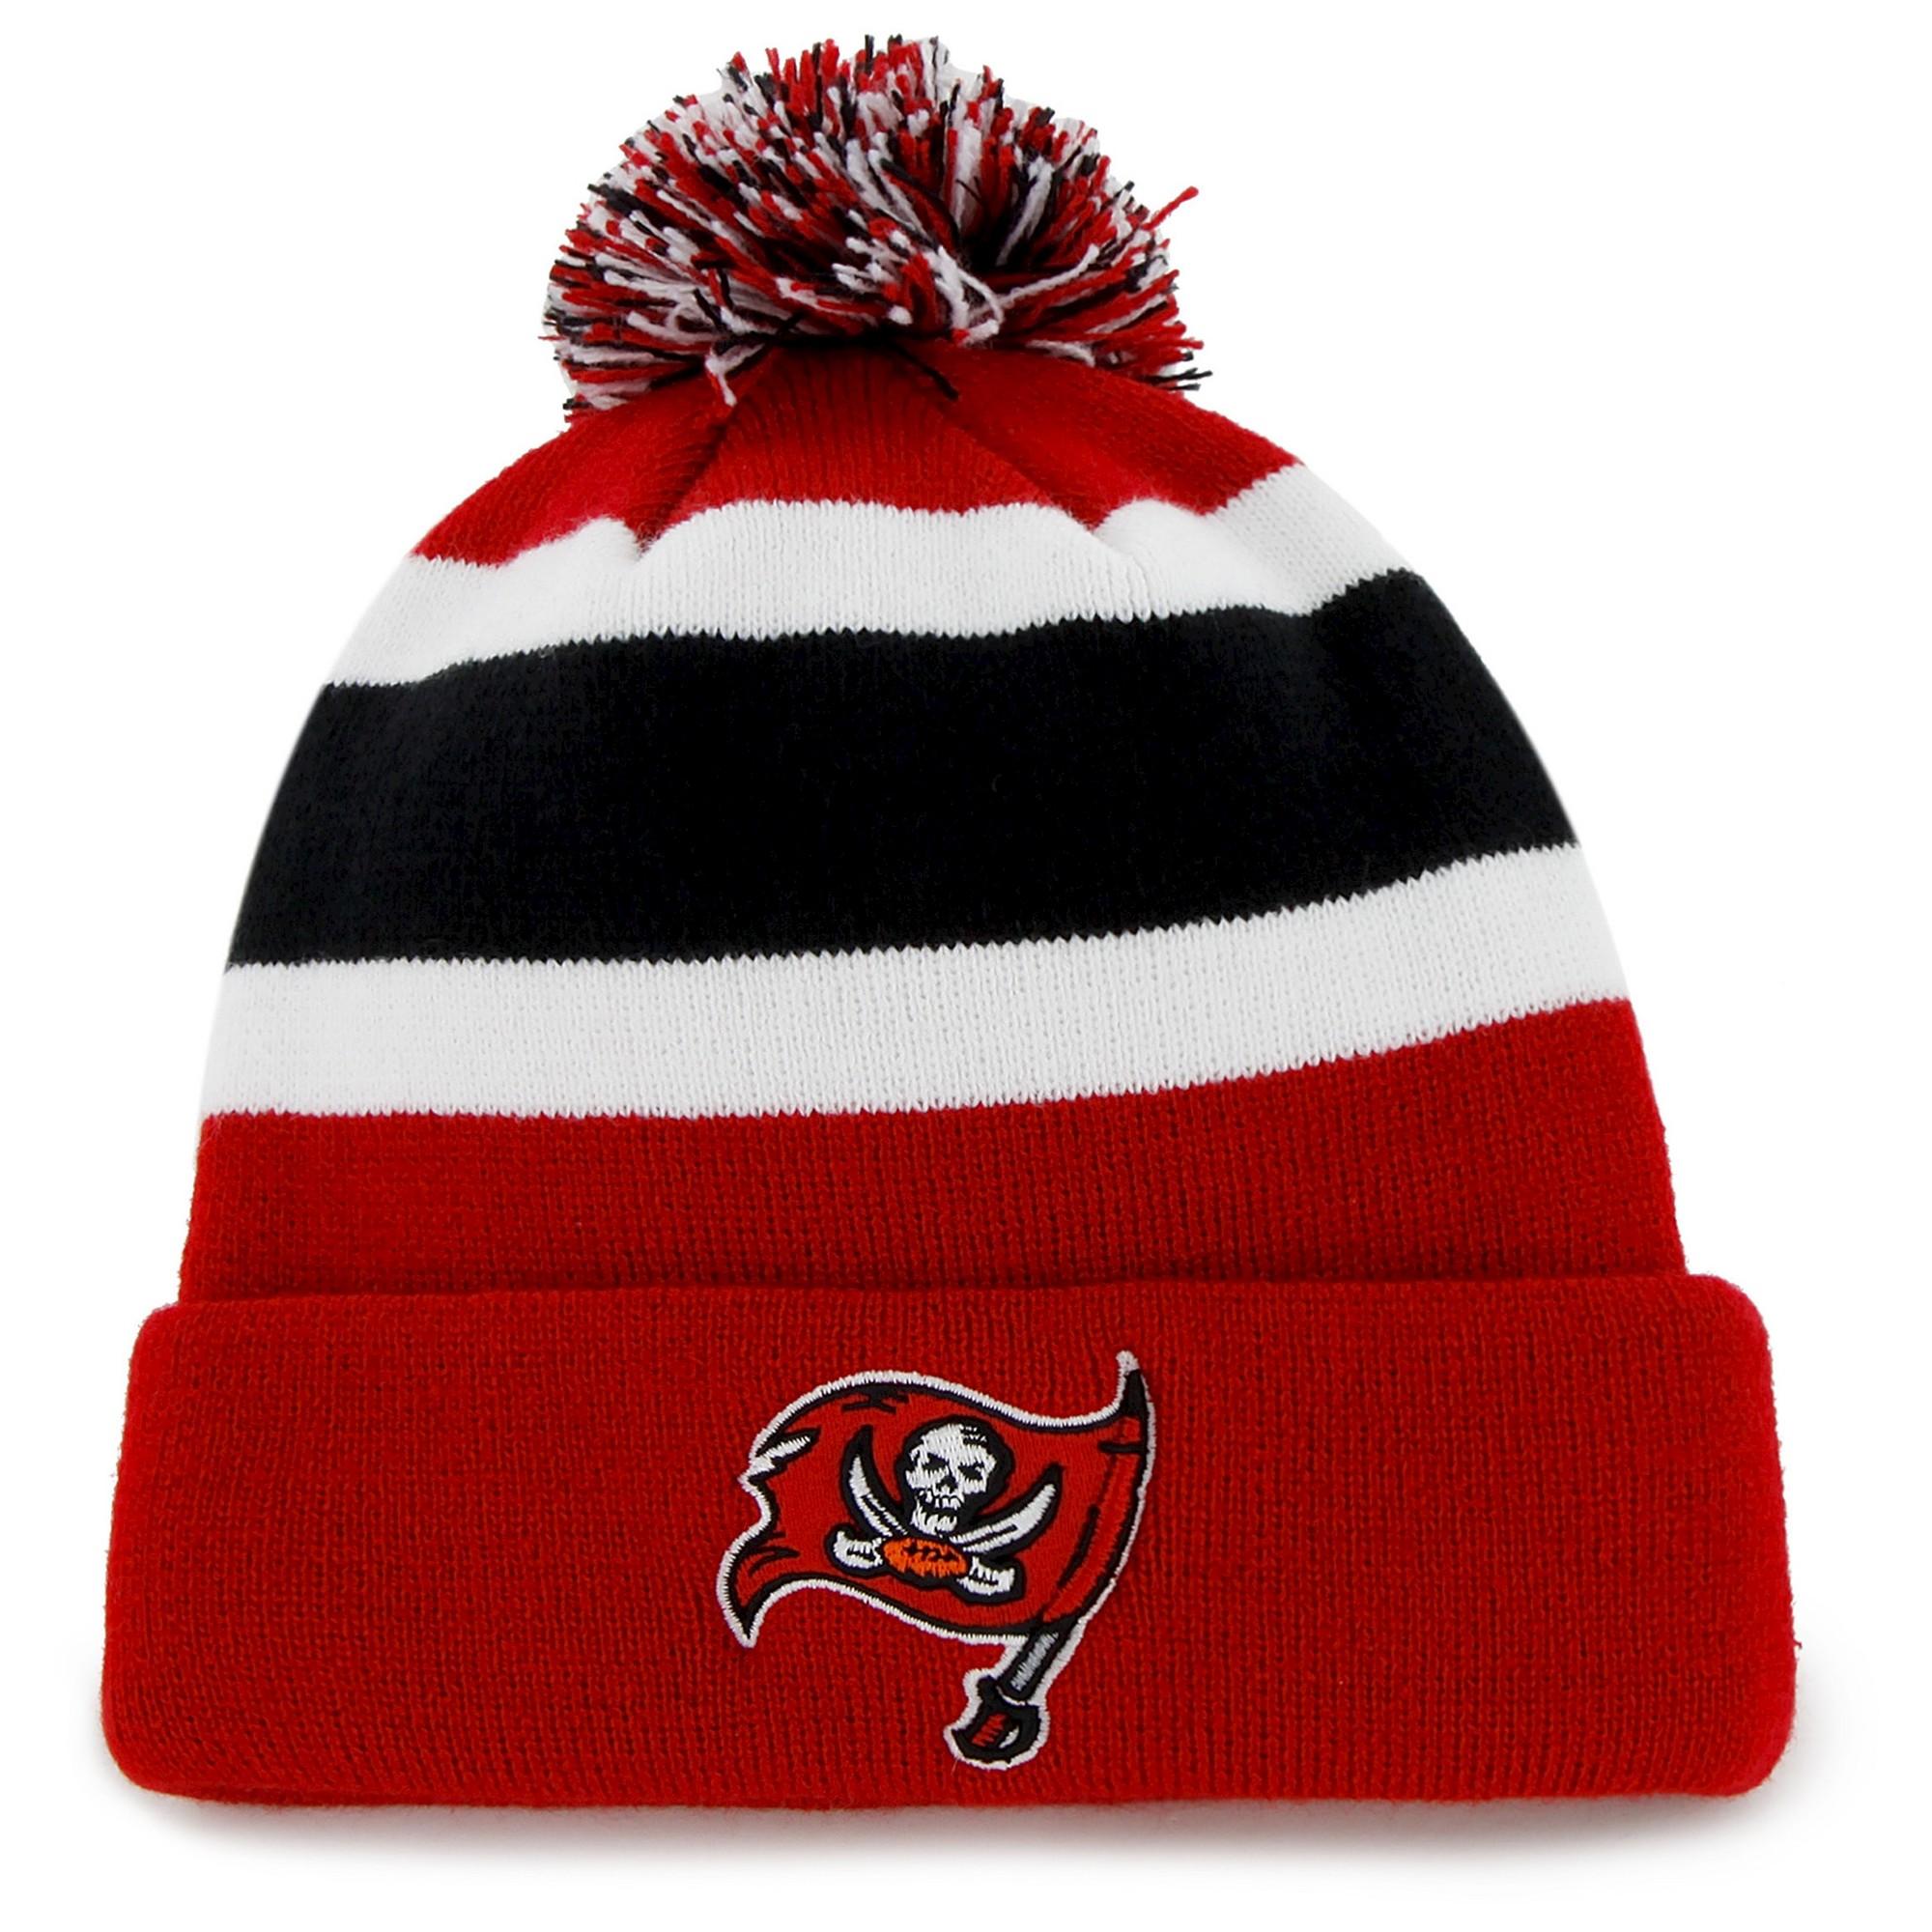 Tampa Bay Buccaneers Fan Favorite Breakaway Beanie With Pom Kids Unisex Knit Beanie Hat Knit Beanie